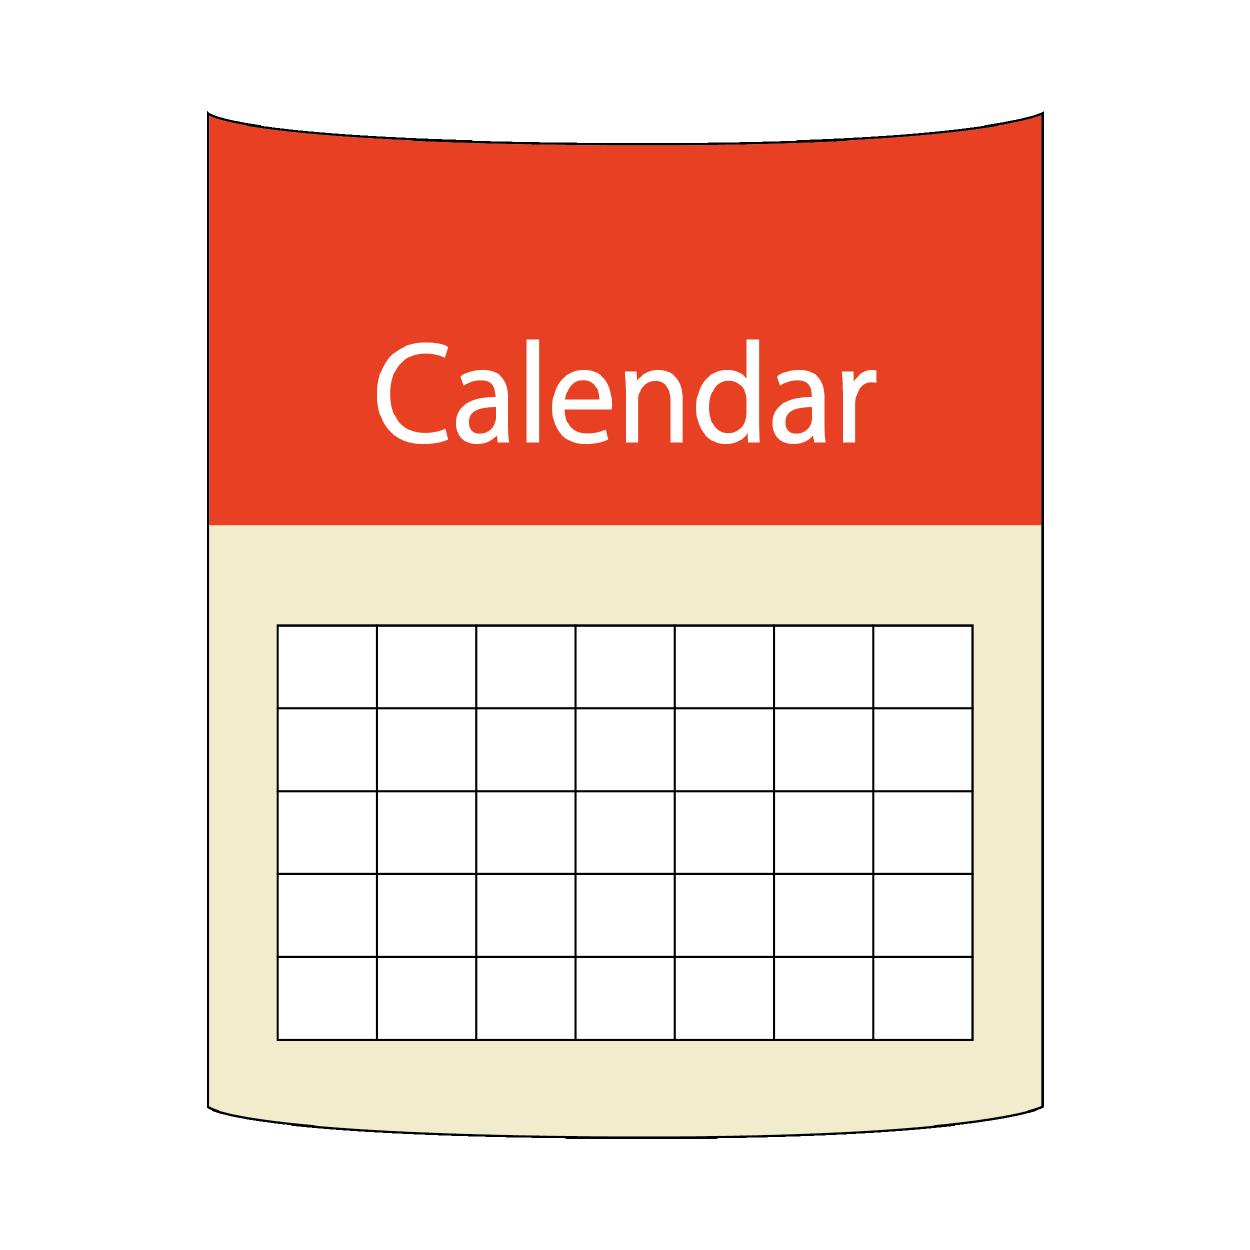 シンプルな カレンダー の おすすめ 無料 イラスト